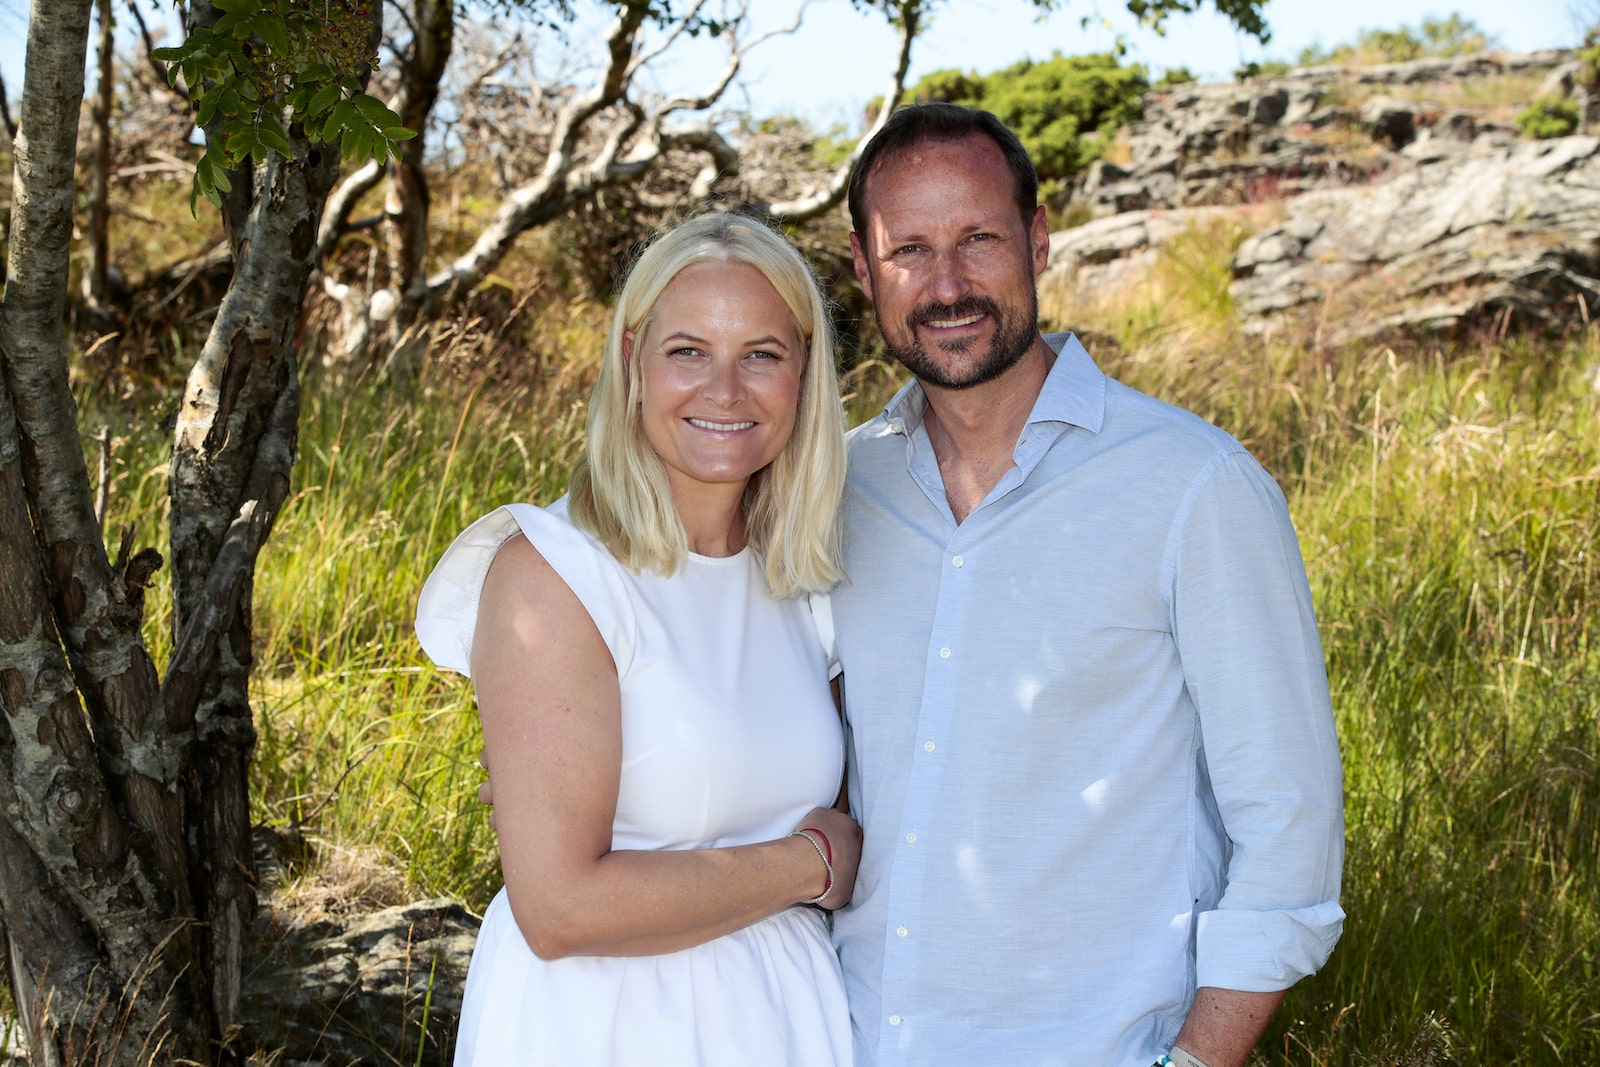 Mette-Marit und Haakon von Norwegen: Private Einblicke in ihre Ehe